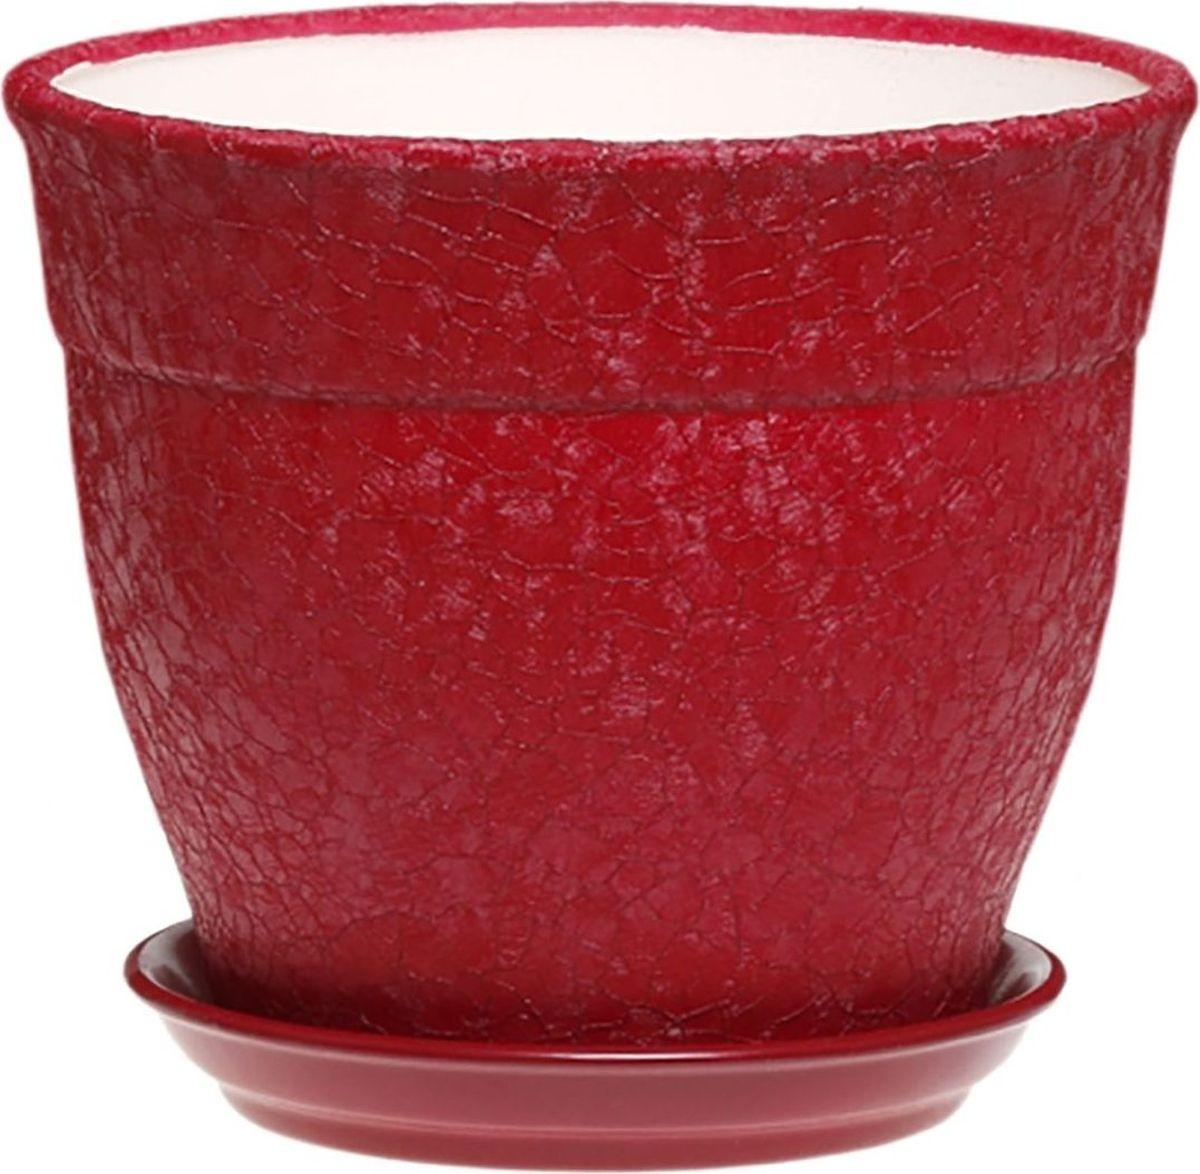 Кашпо Керамика ручной работы Флорис, цвет: бордовый, 5,5 л1158484Комнатные растения — всеобщие любимцы. Они радуют глаз, насыщают помещение кислородом и украшают пространство. Каждому из них необходим свой удобный и красивый дом. Кашпо из керамики прекрасно подходят для высадки растений: за счёт пластичности глины и разных способов обработки существует великое множество форм и дизайновпористый материал позволяет испаряться лишней влагевоздух, необходимый для дыхания корней, проникает сквозь керамические стенки! #name# позаботится о зелёном питомце, освежит интерьер и подчеркнёт его стиль.